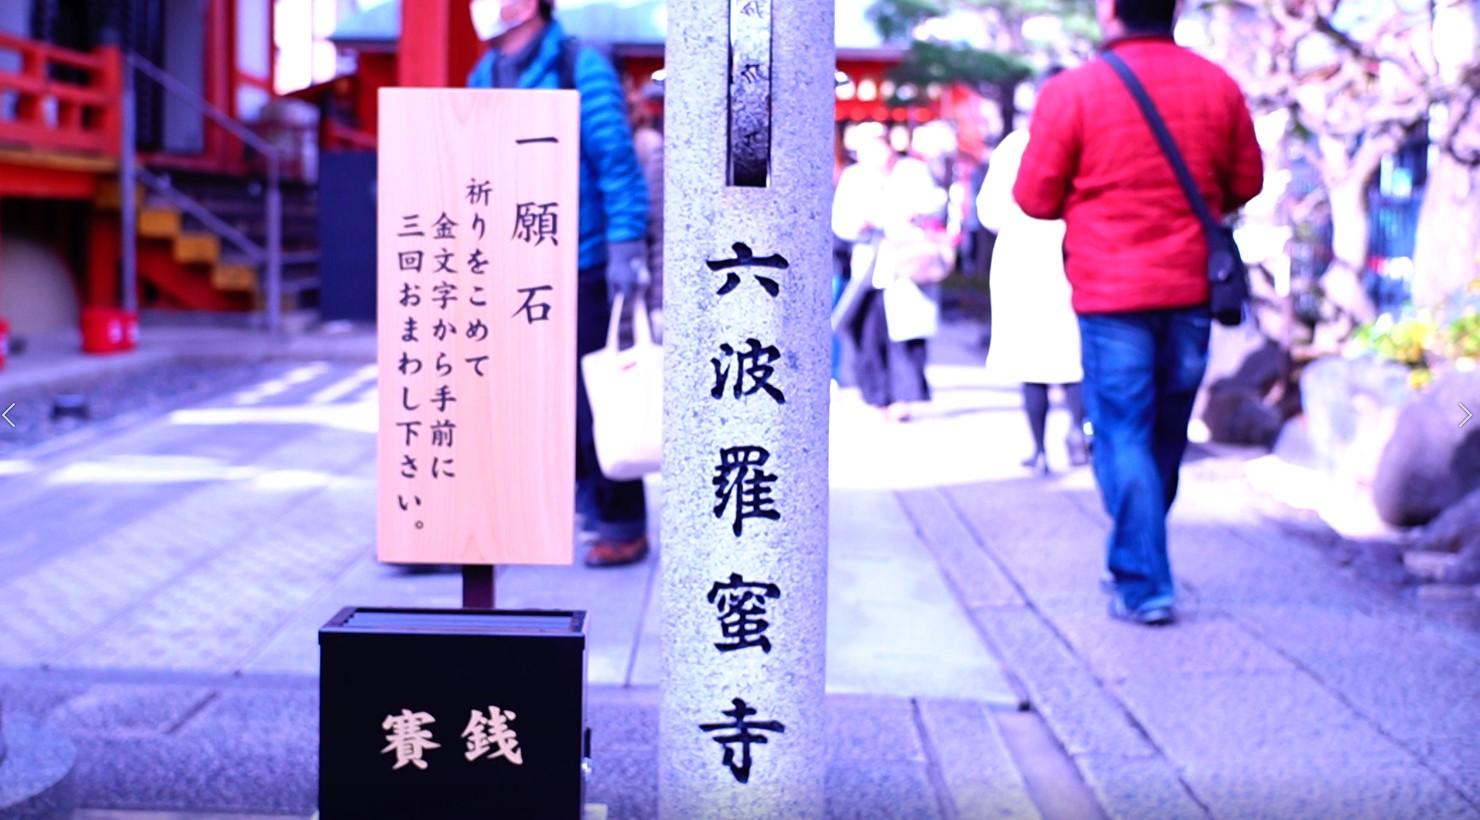 【自主創作】六道珍皇寺、六波羅蜜寺、八坂庚申堂めぐりの動画|スタジオ・ボウズ